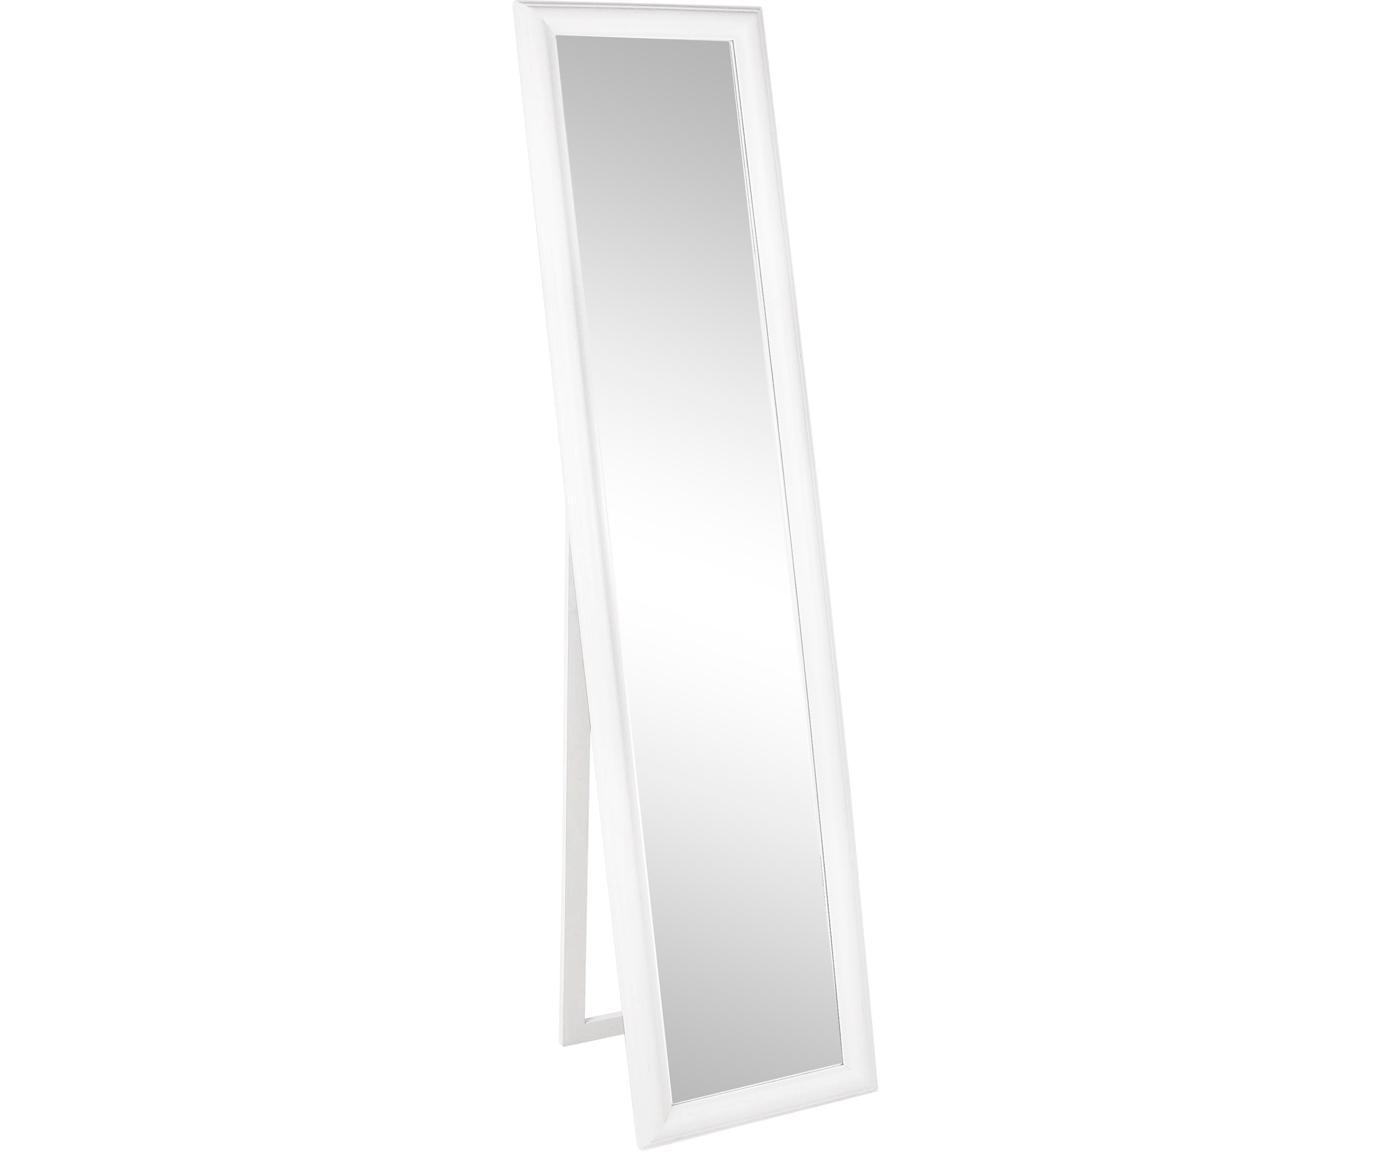 Standspiegel Sanzio, Rahmen: Holz, beschichtet, Spiegelfläche: Spiegelglas, Weiß, 40 x 170 cm